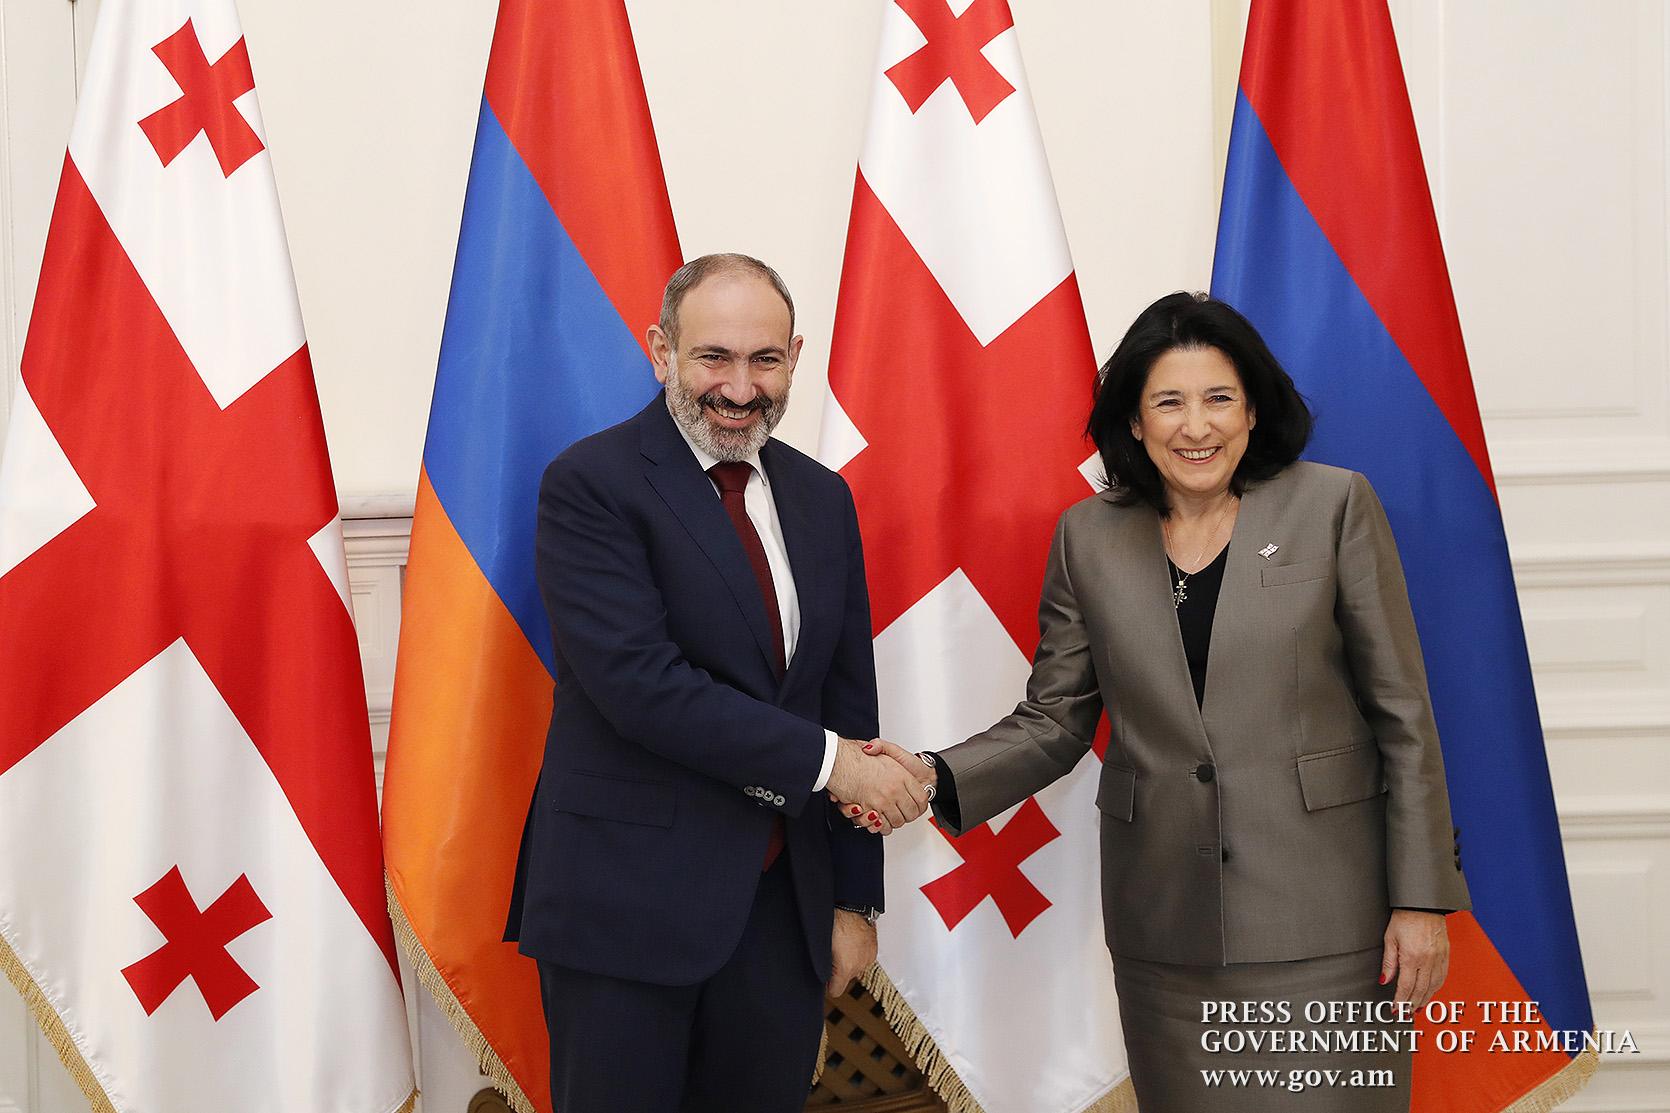 В Тбилиси в теплой и дружеской обстановке состоялась встреча Никола Пашиняна и Саломе Зурабишвили